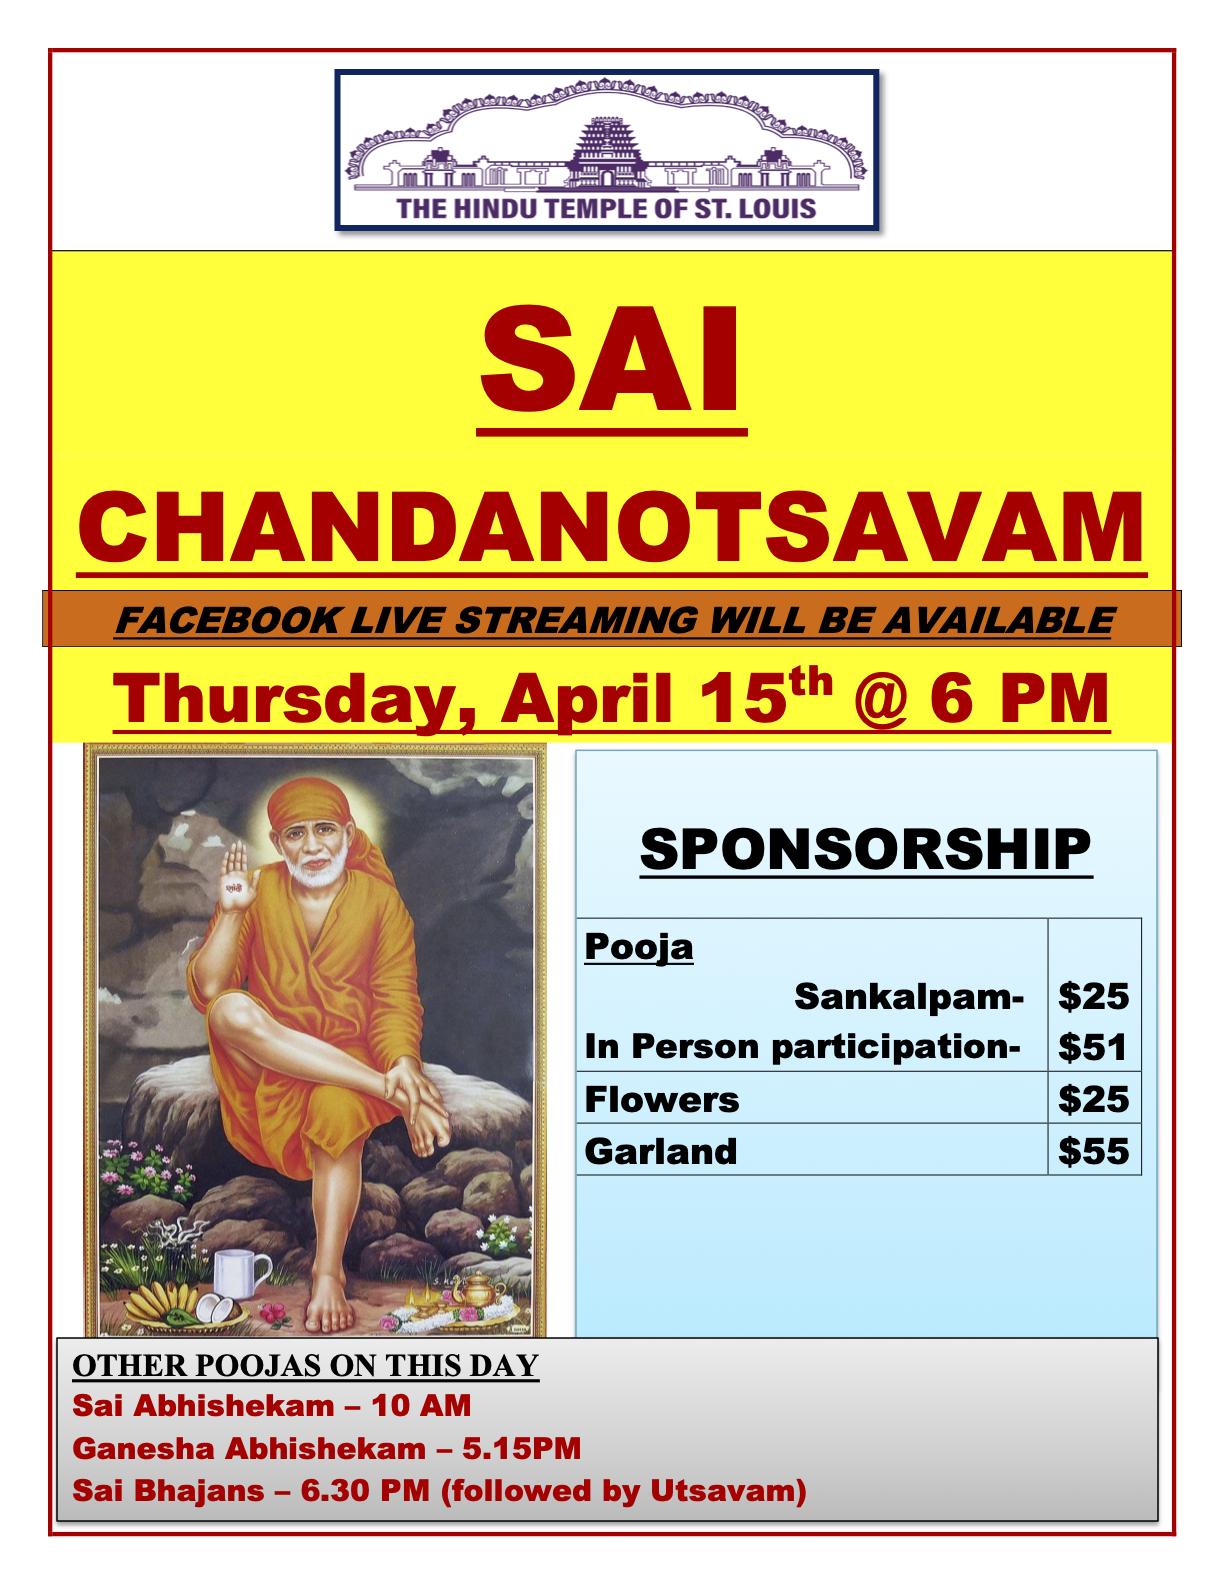 Sai Chandanotsavam